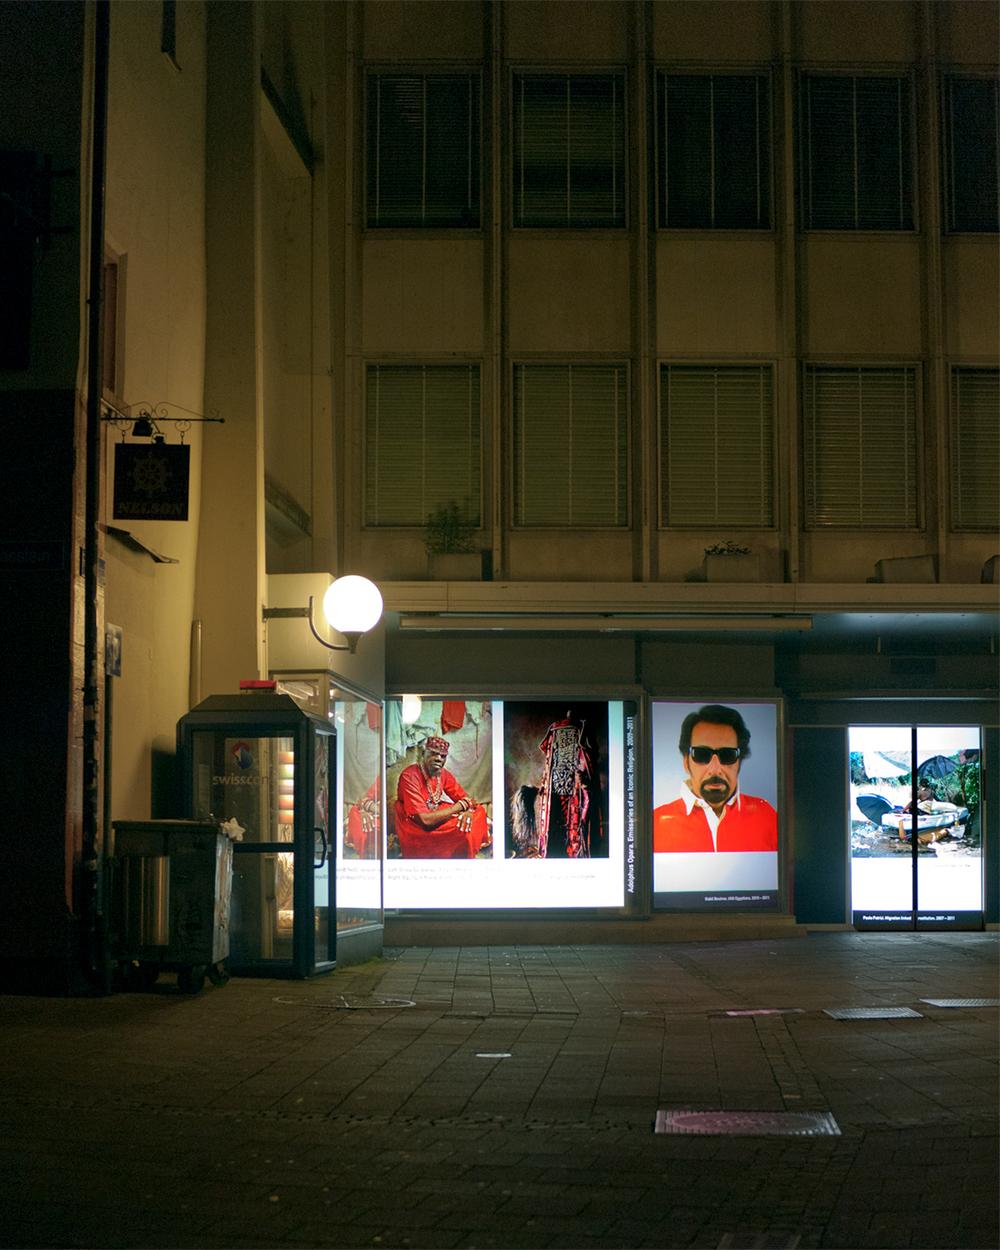 Vue de l'exposition en juin 2012, Bâle, Suisse